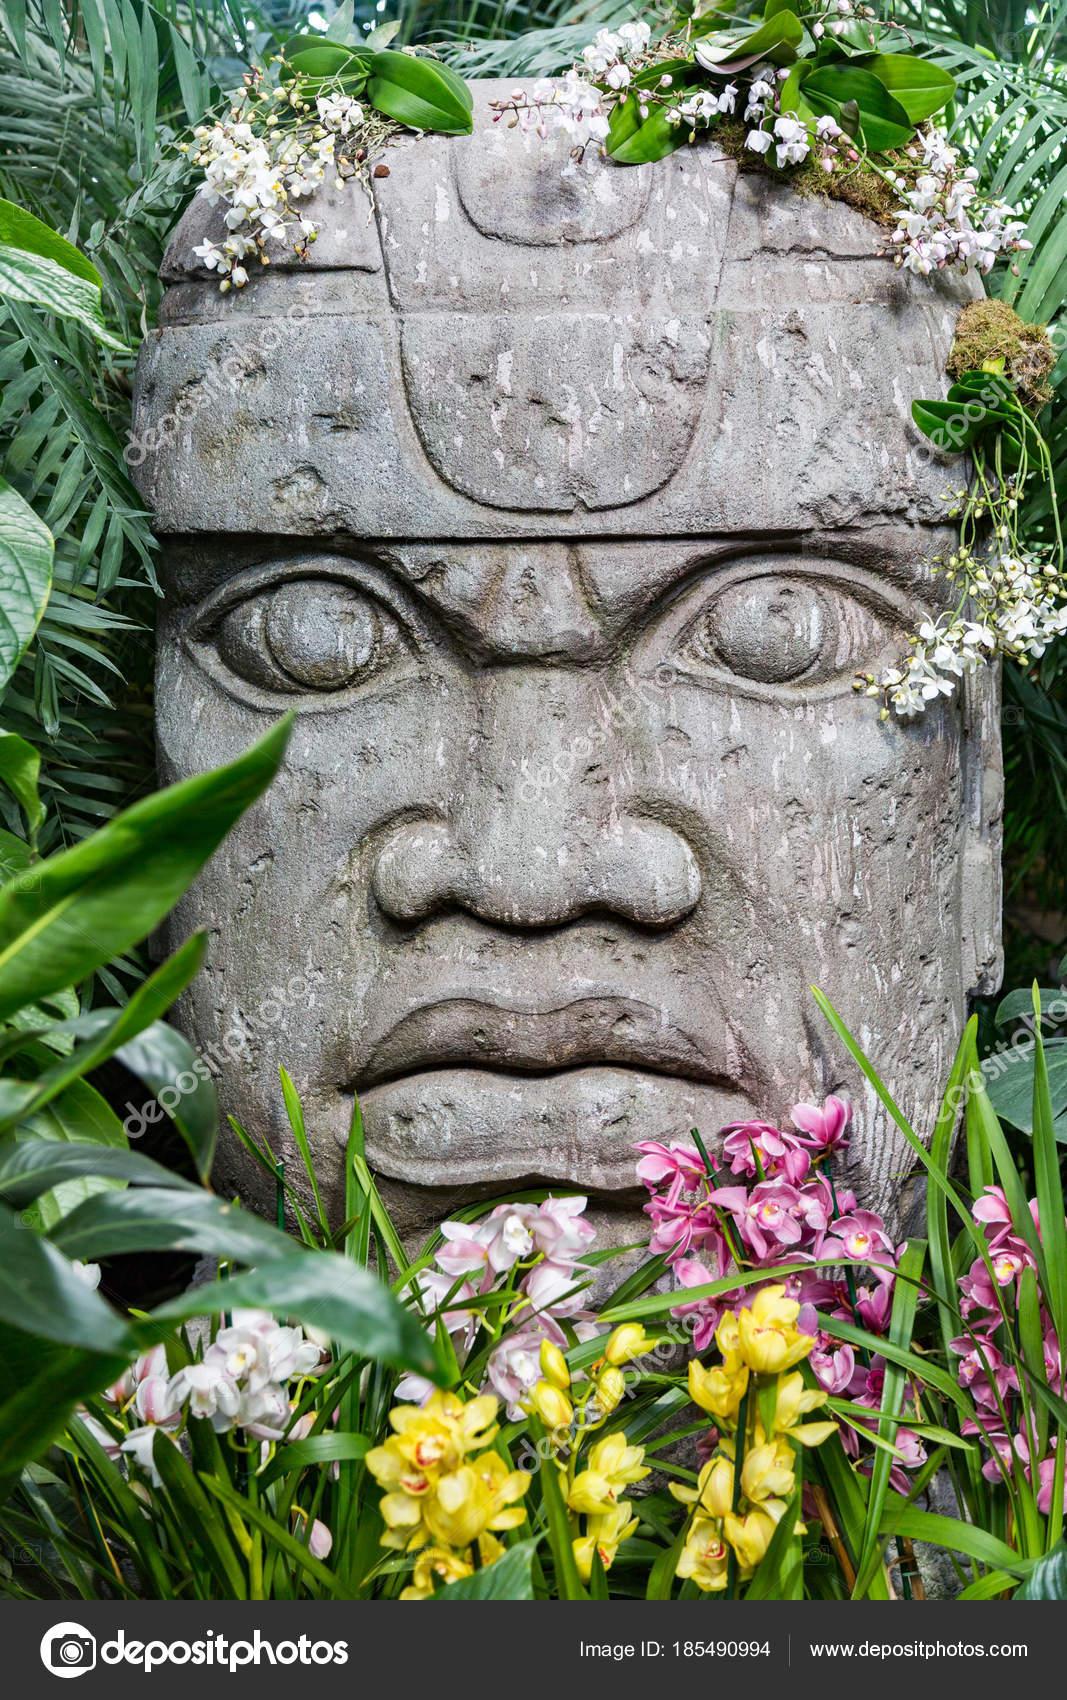 Skulpturkomposition In Einem Gewachshaus Mit Pflanzen